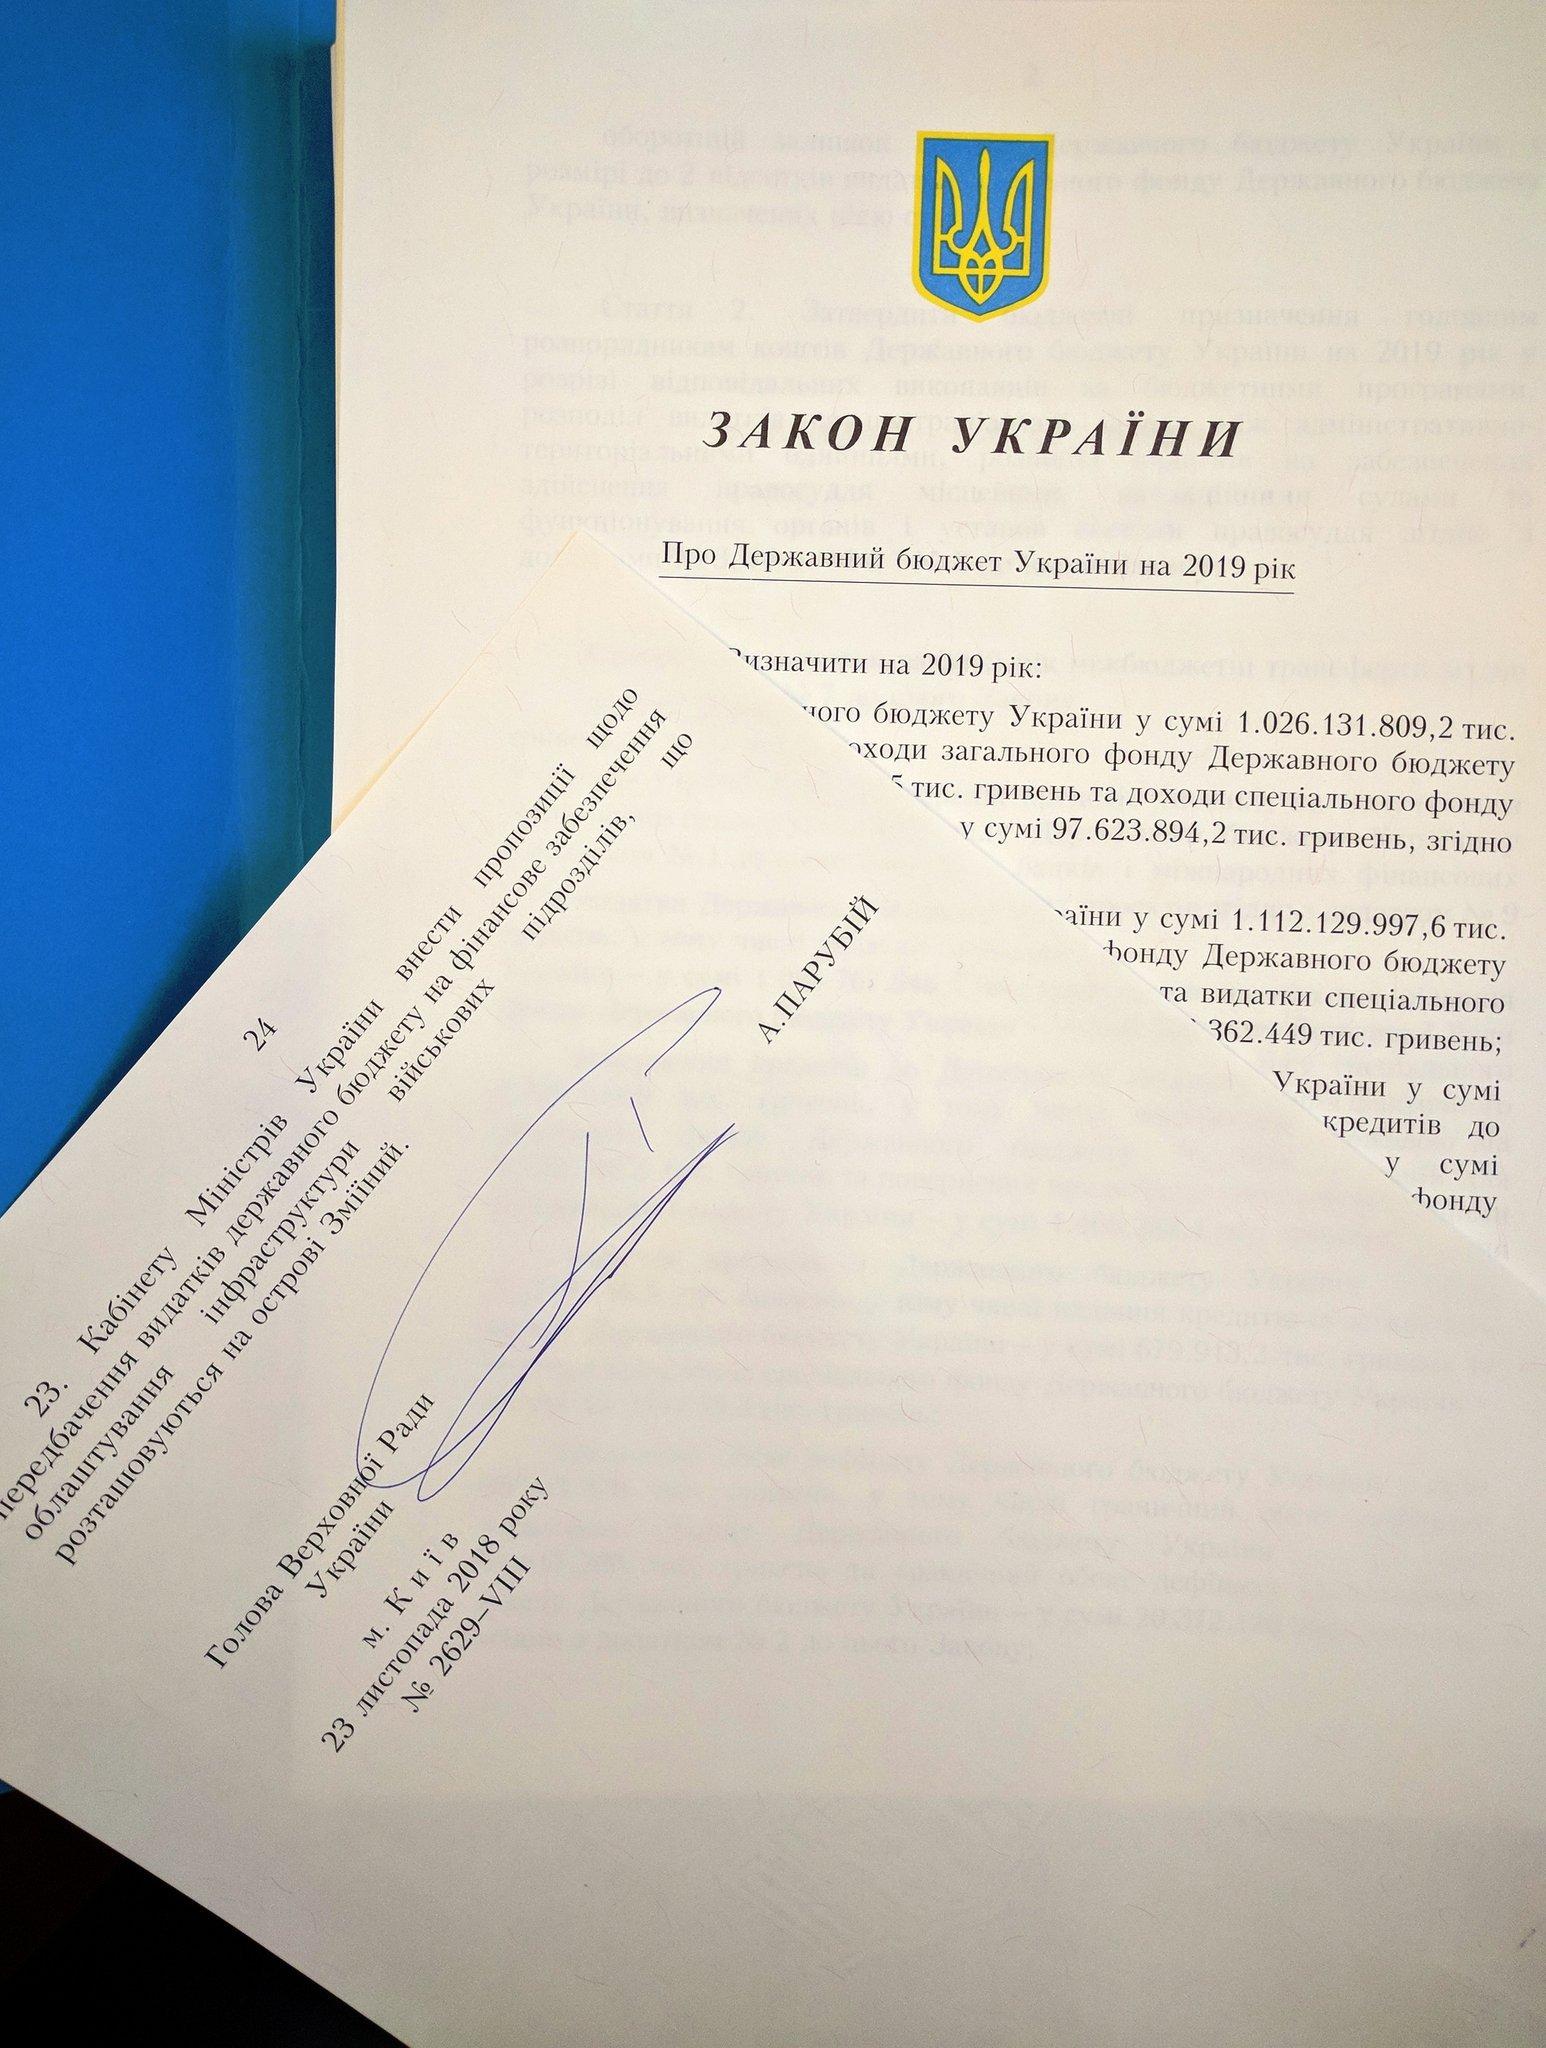 Парубий показал подписанный бюджет, очередь за Порошенко